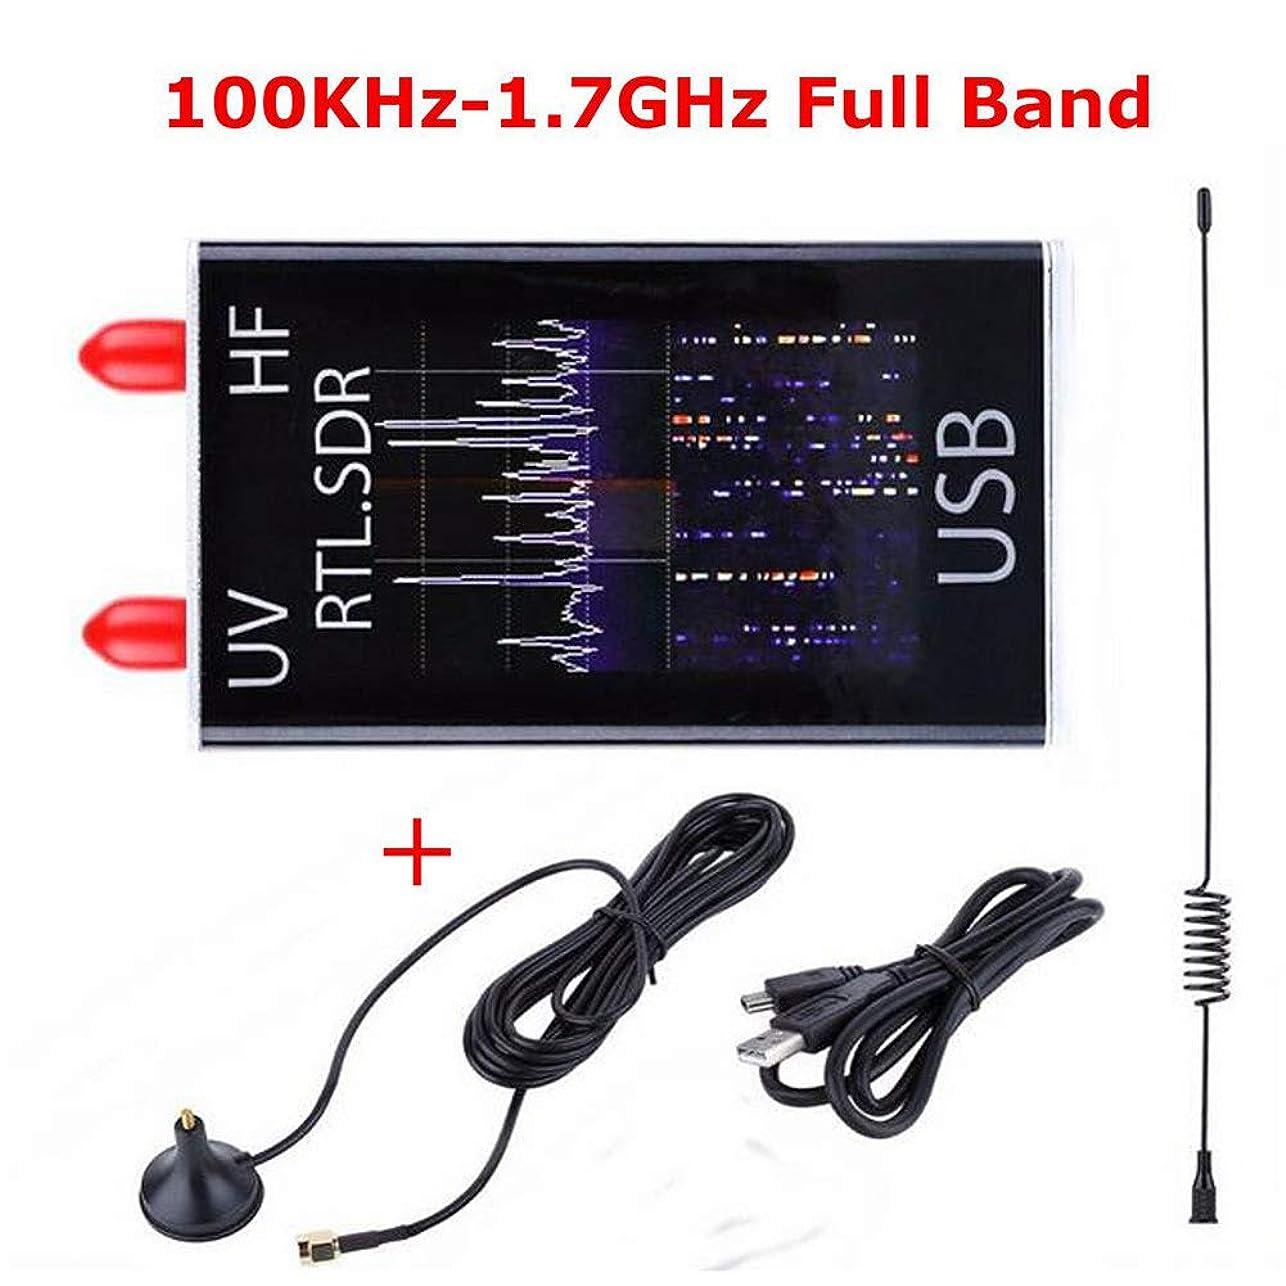 前兆注入オンスACHICOO 100KHz?1.7GHzフルバンドUV HF RTL-SDR USBチューナーレシーバ/ R820T + 8232ハムラジオ